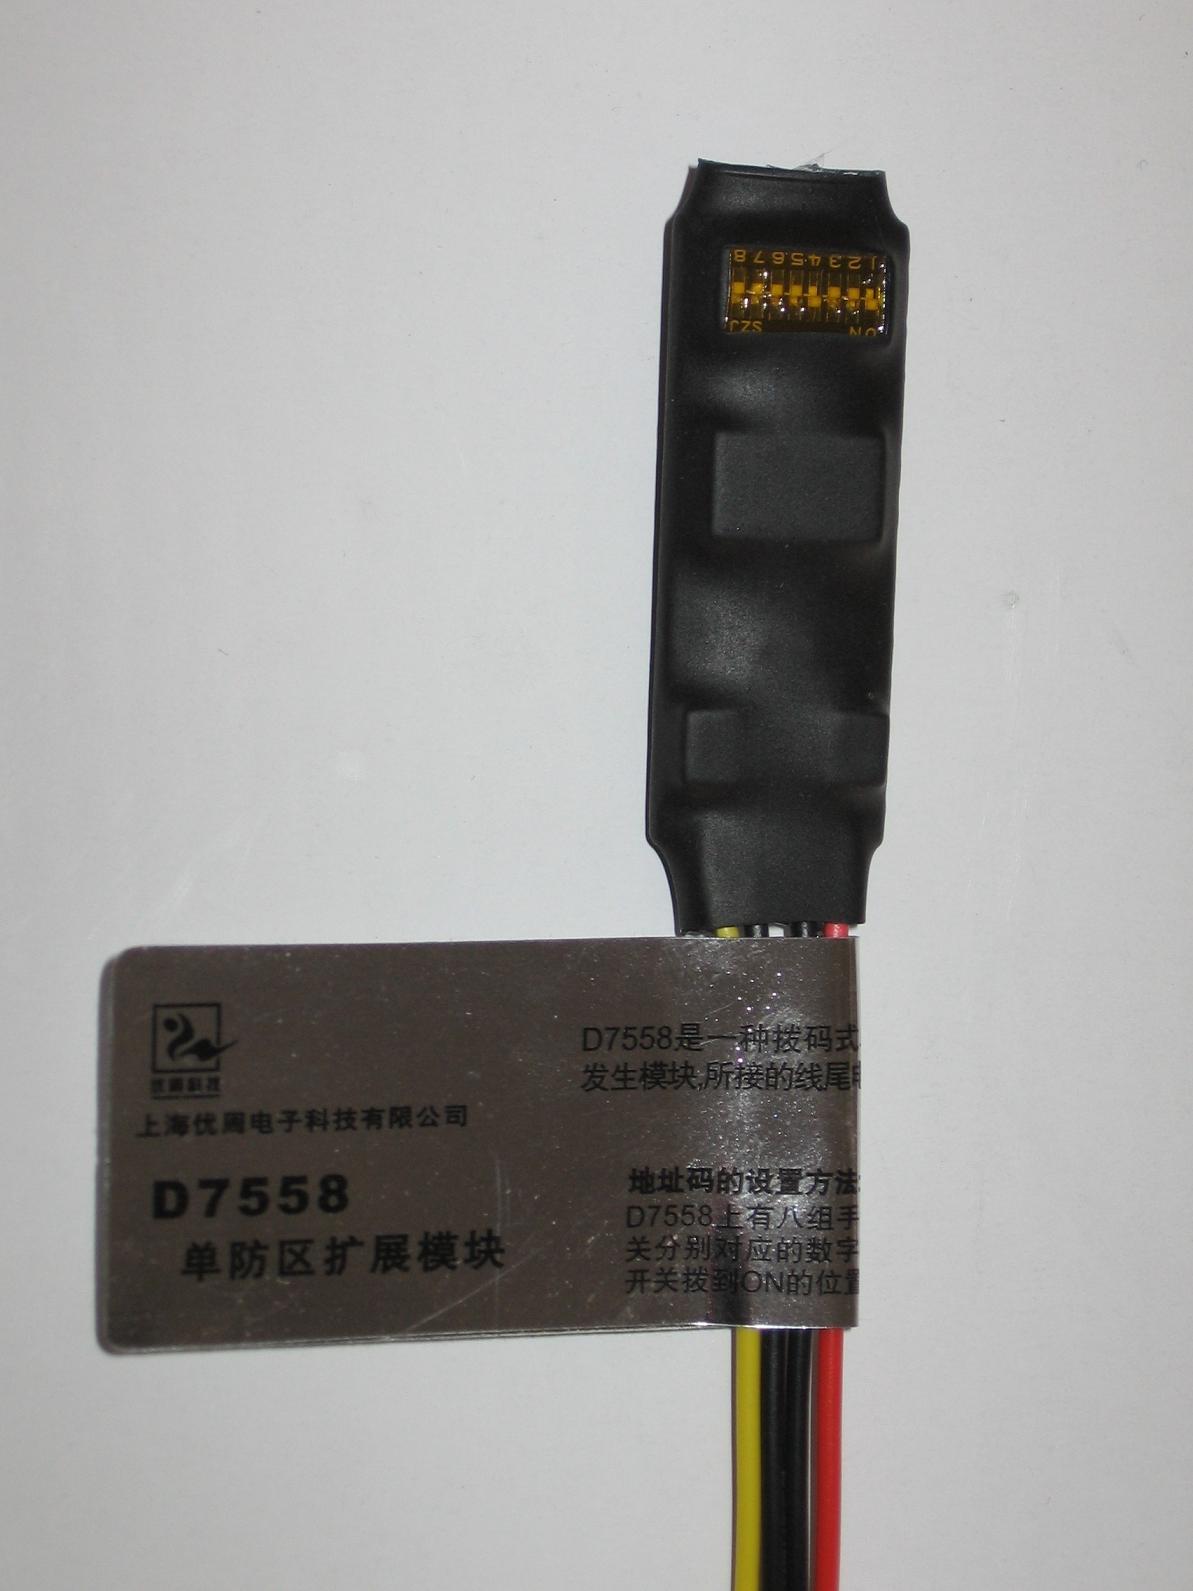 >>  产品信息  产品品牌: 优周 规格/型号: 企用,工程主机d7500 参考